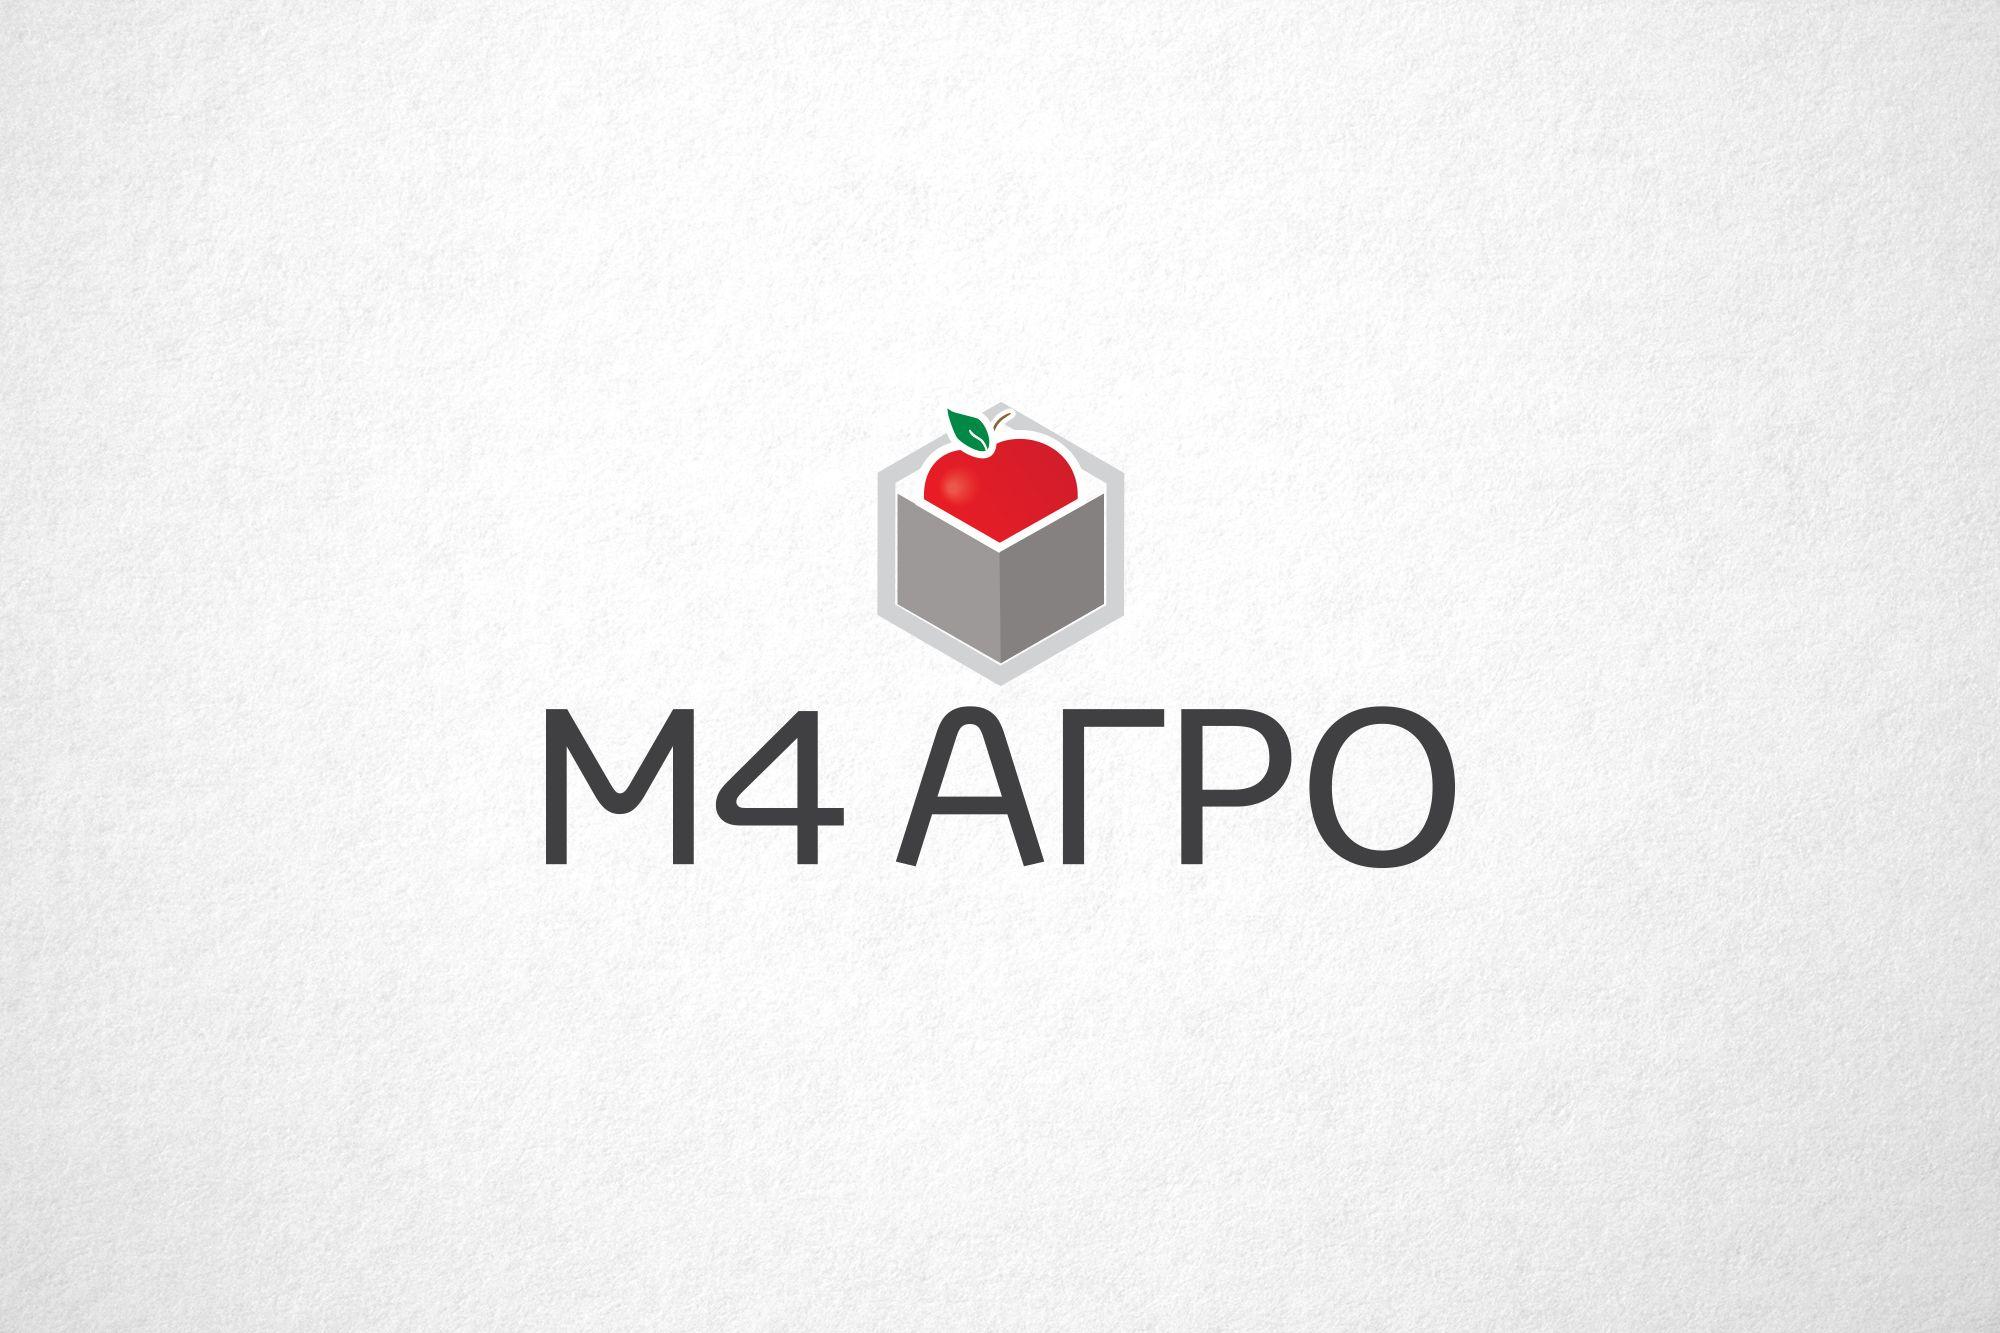 Логотип для M4 АГРО - Российские фрукты - дизайнер funkielevis